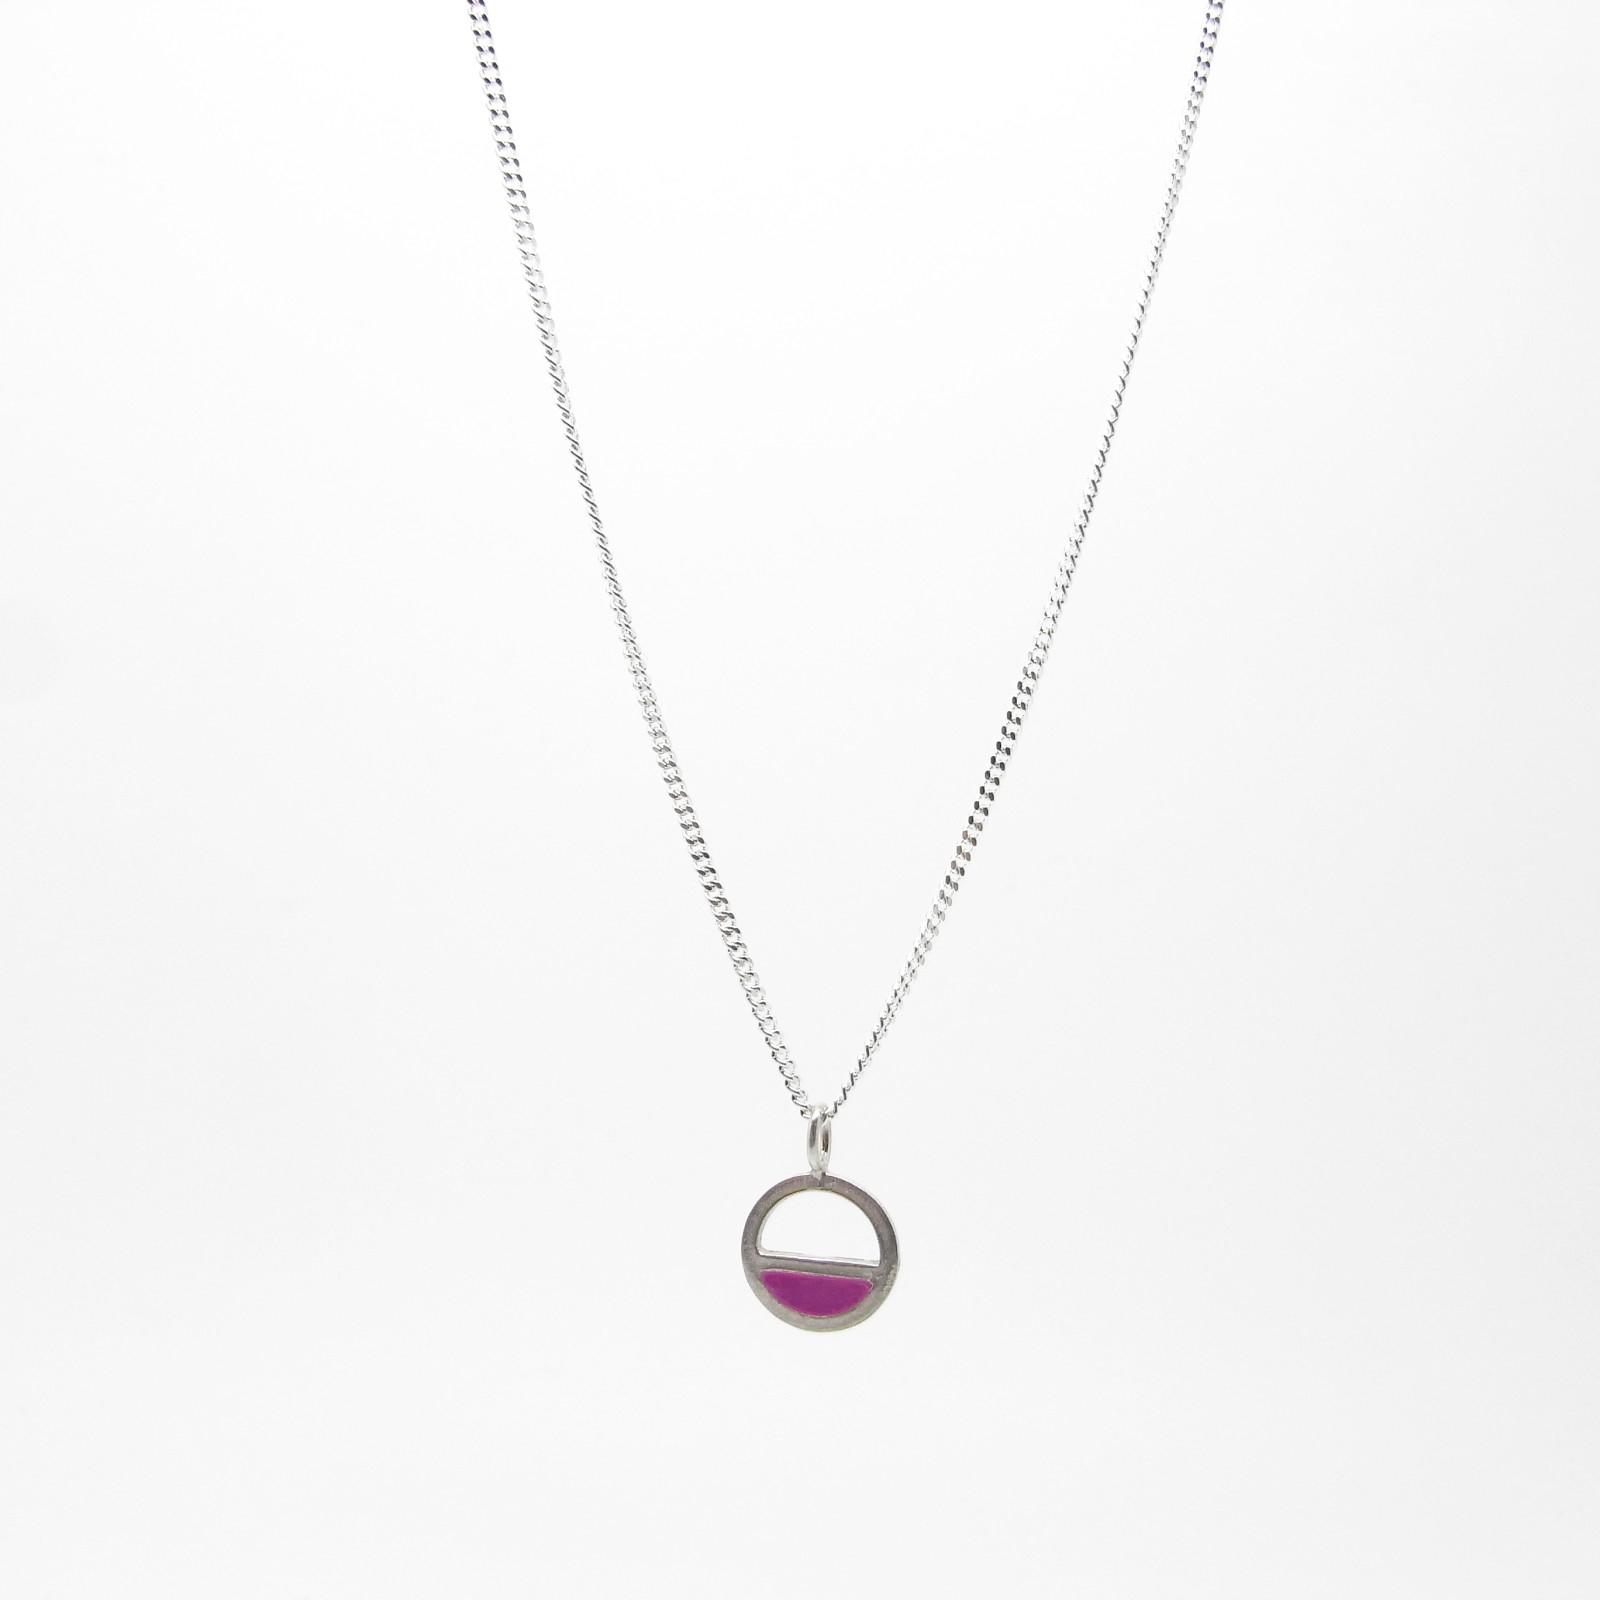 SALE - Small Semi Circle Necklace Purple